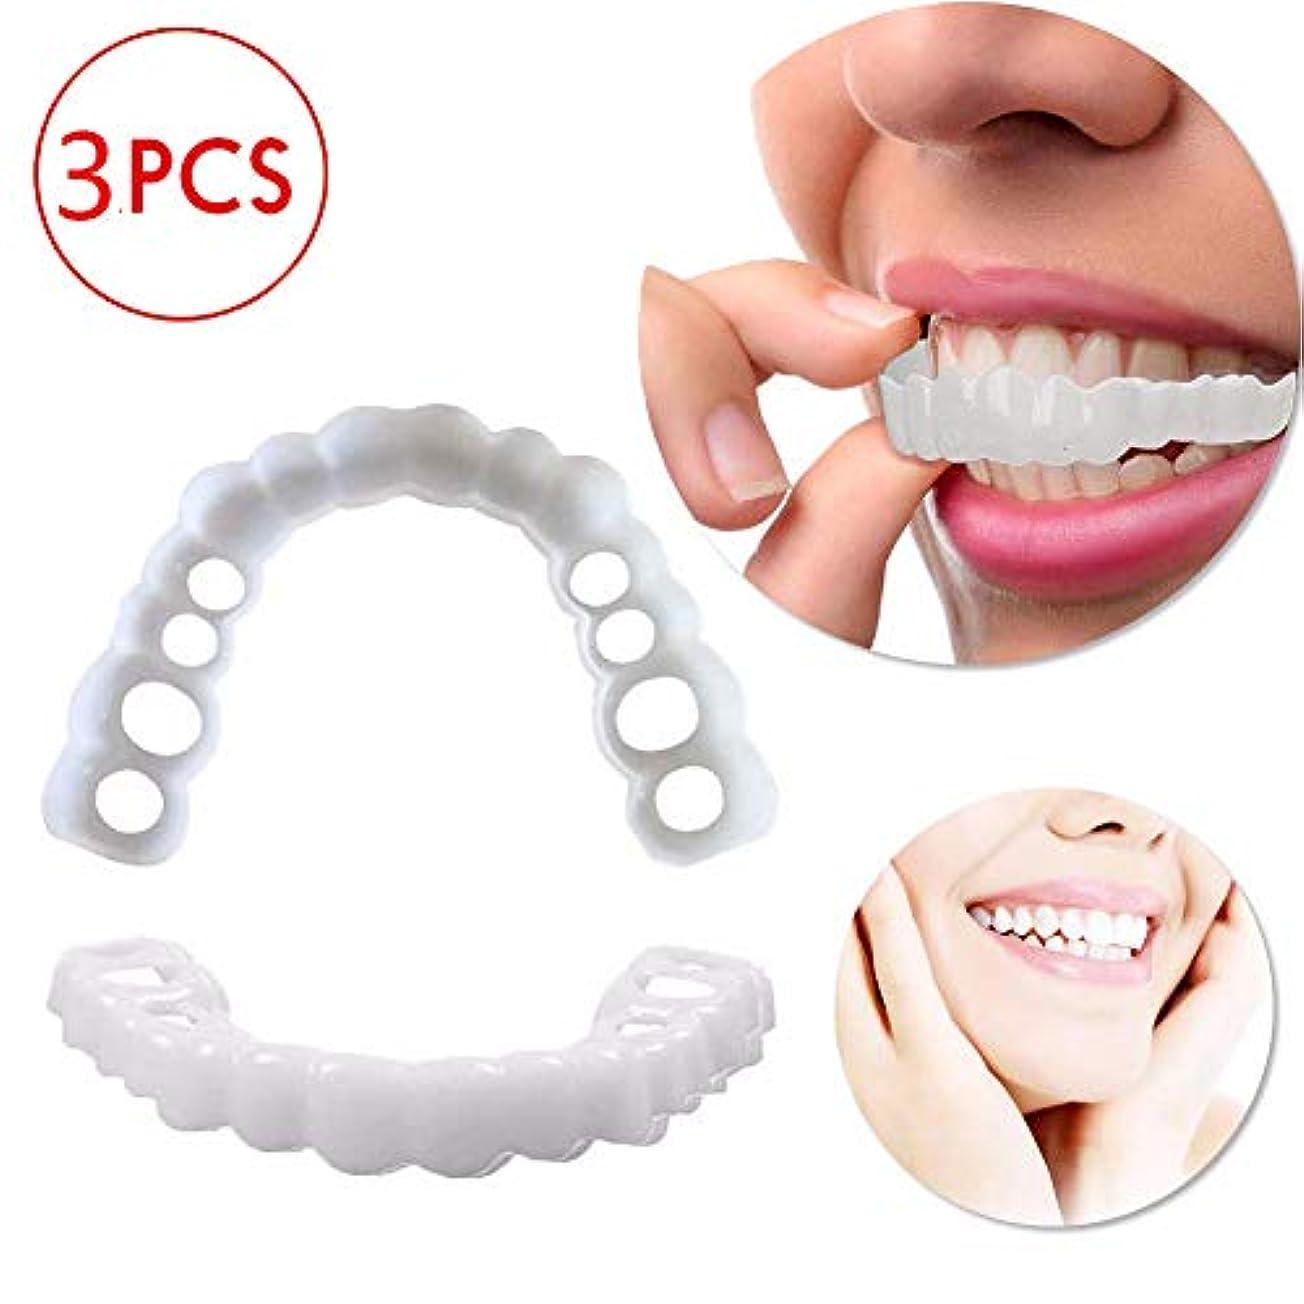 お別れクラウドインタフェース3ピース一時的な歯ベニヤブレース歯化粧品ホワイトニング義歯偽歯カバー収納ボックス付き,3pcslowerteeth